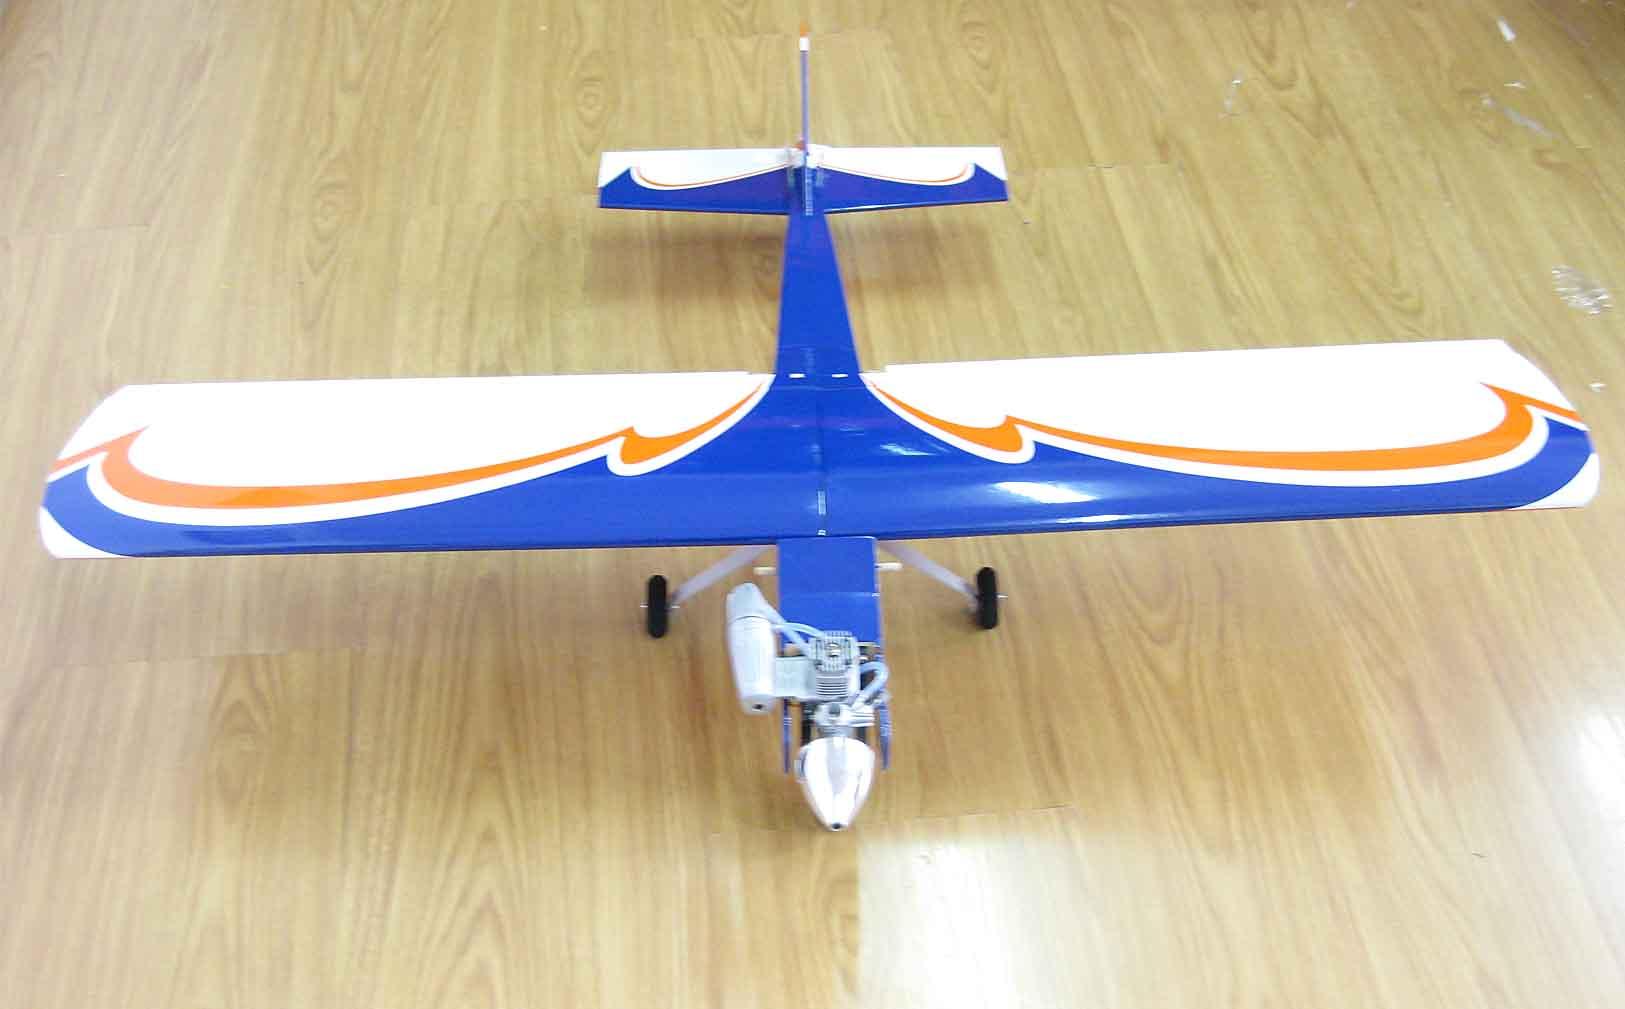 高安模型供应小金星升级款航模飞机板机——飞燕练习